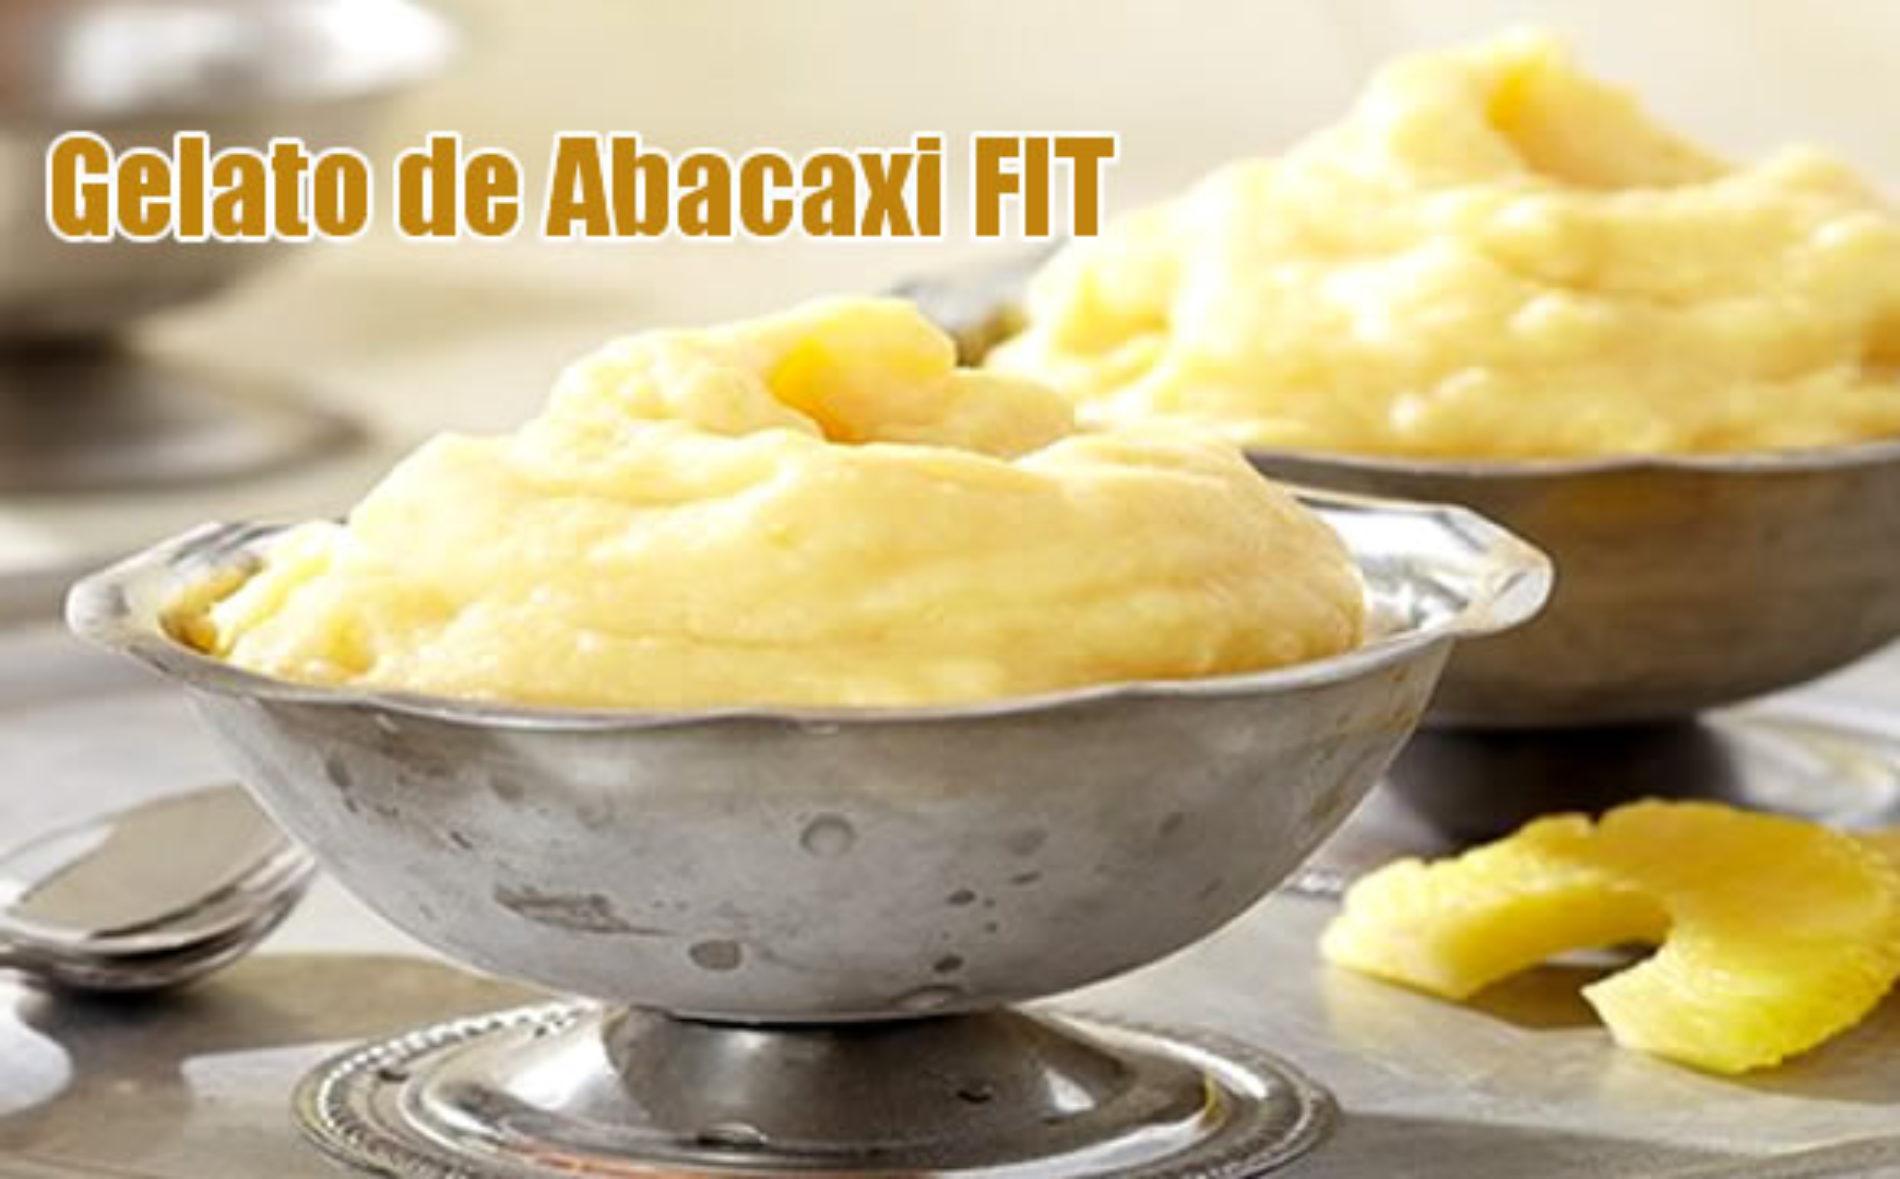 Gelato FIT de abacaxi com iogurte desnatado